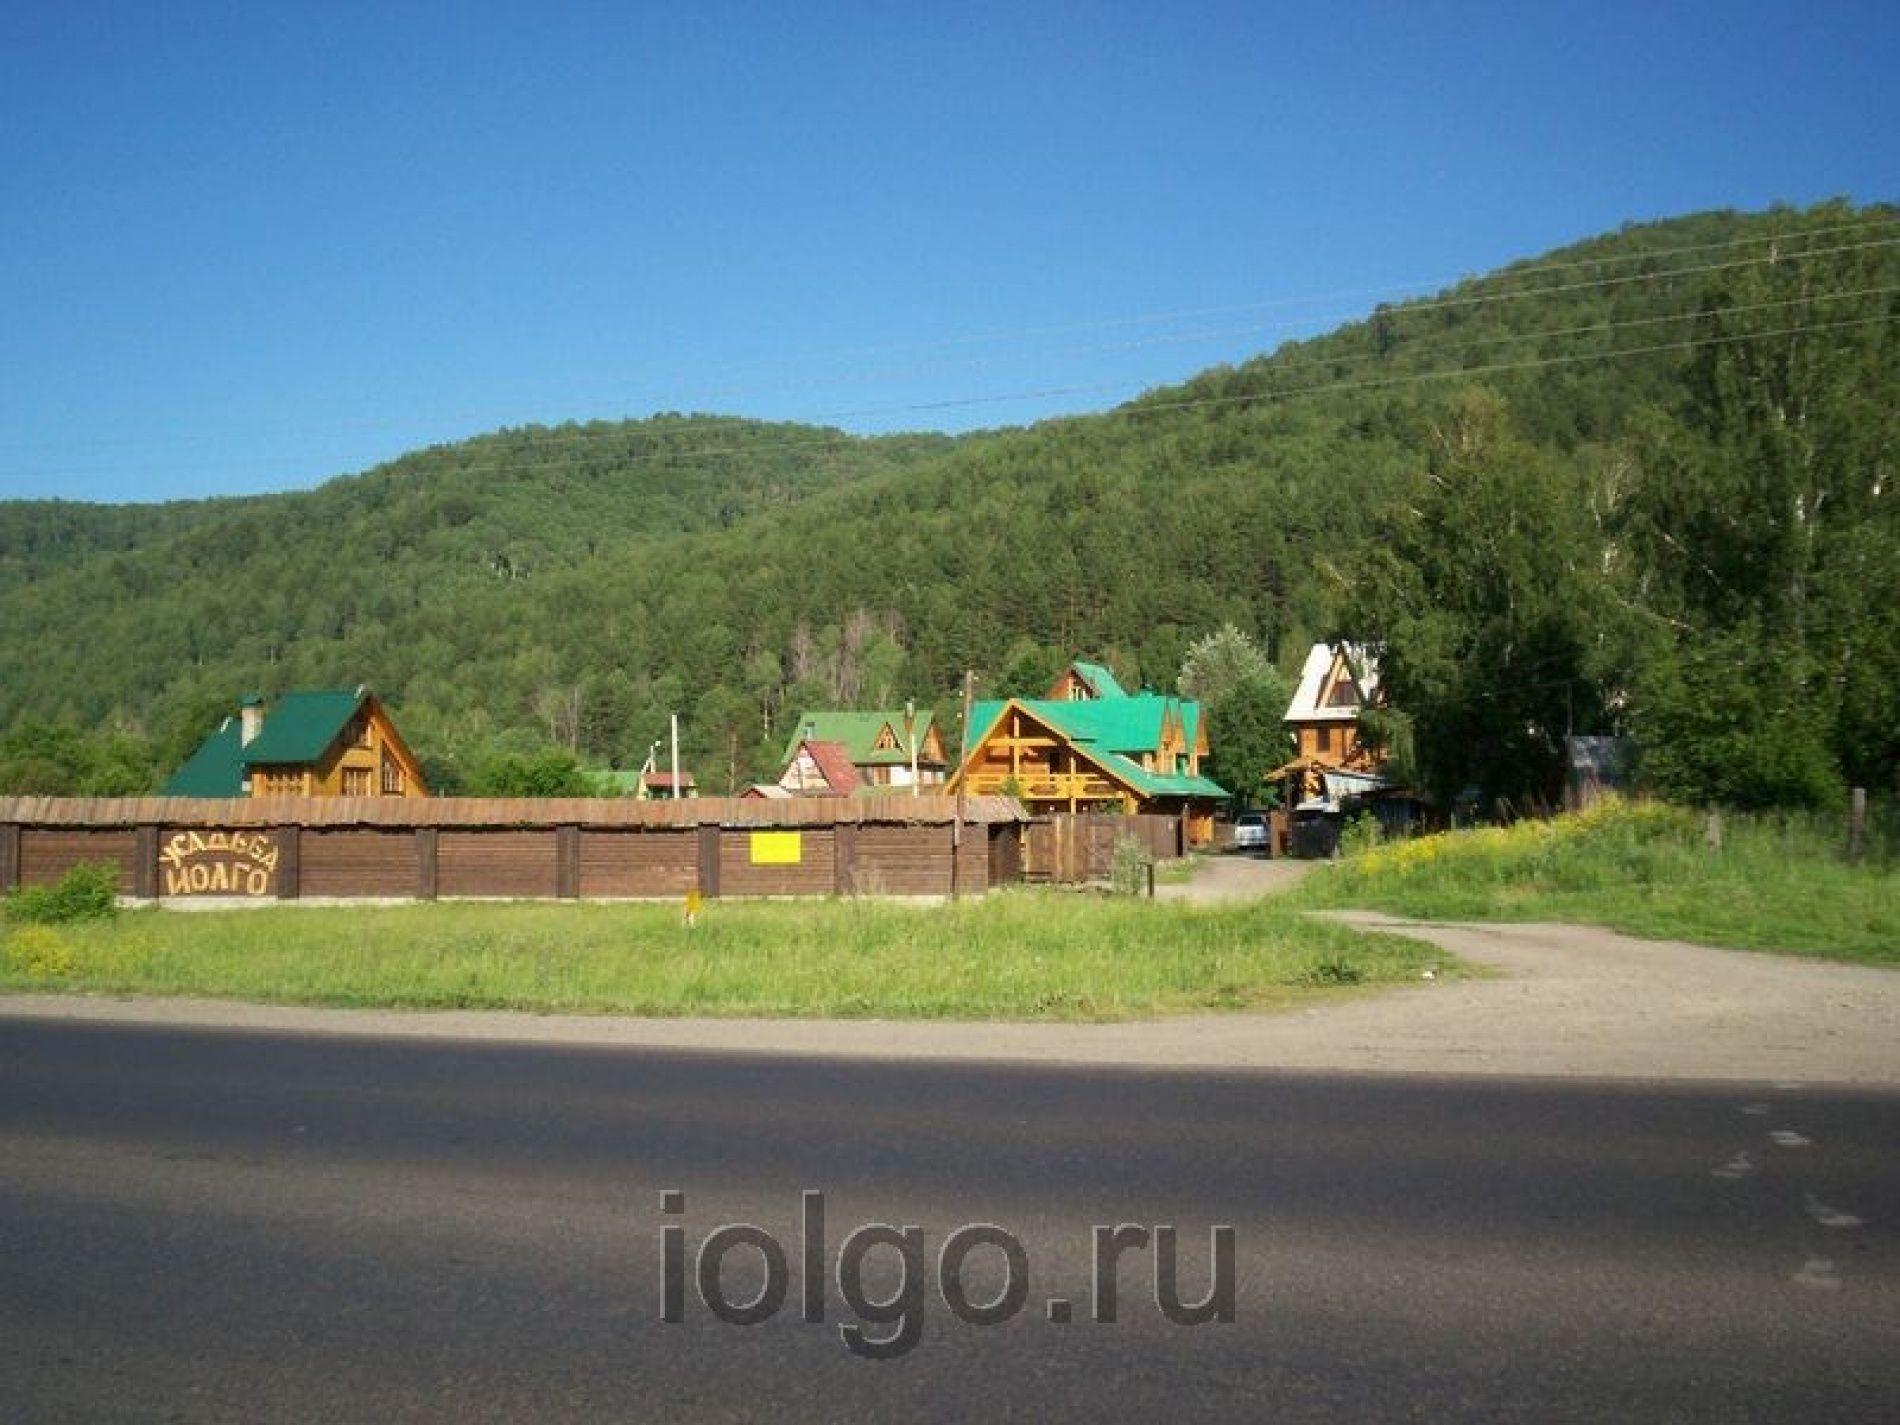 """Усадьба """"Иолго"""" Республика Алтай, фото 17"""